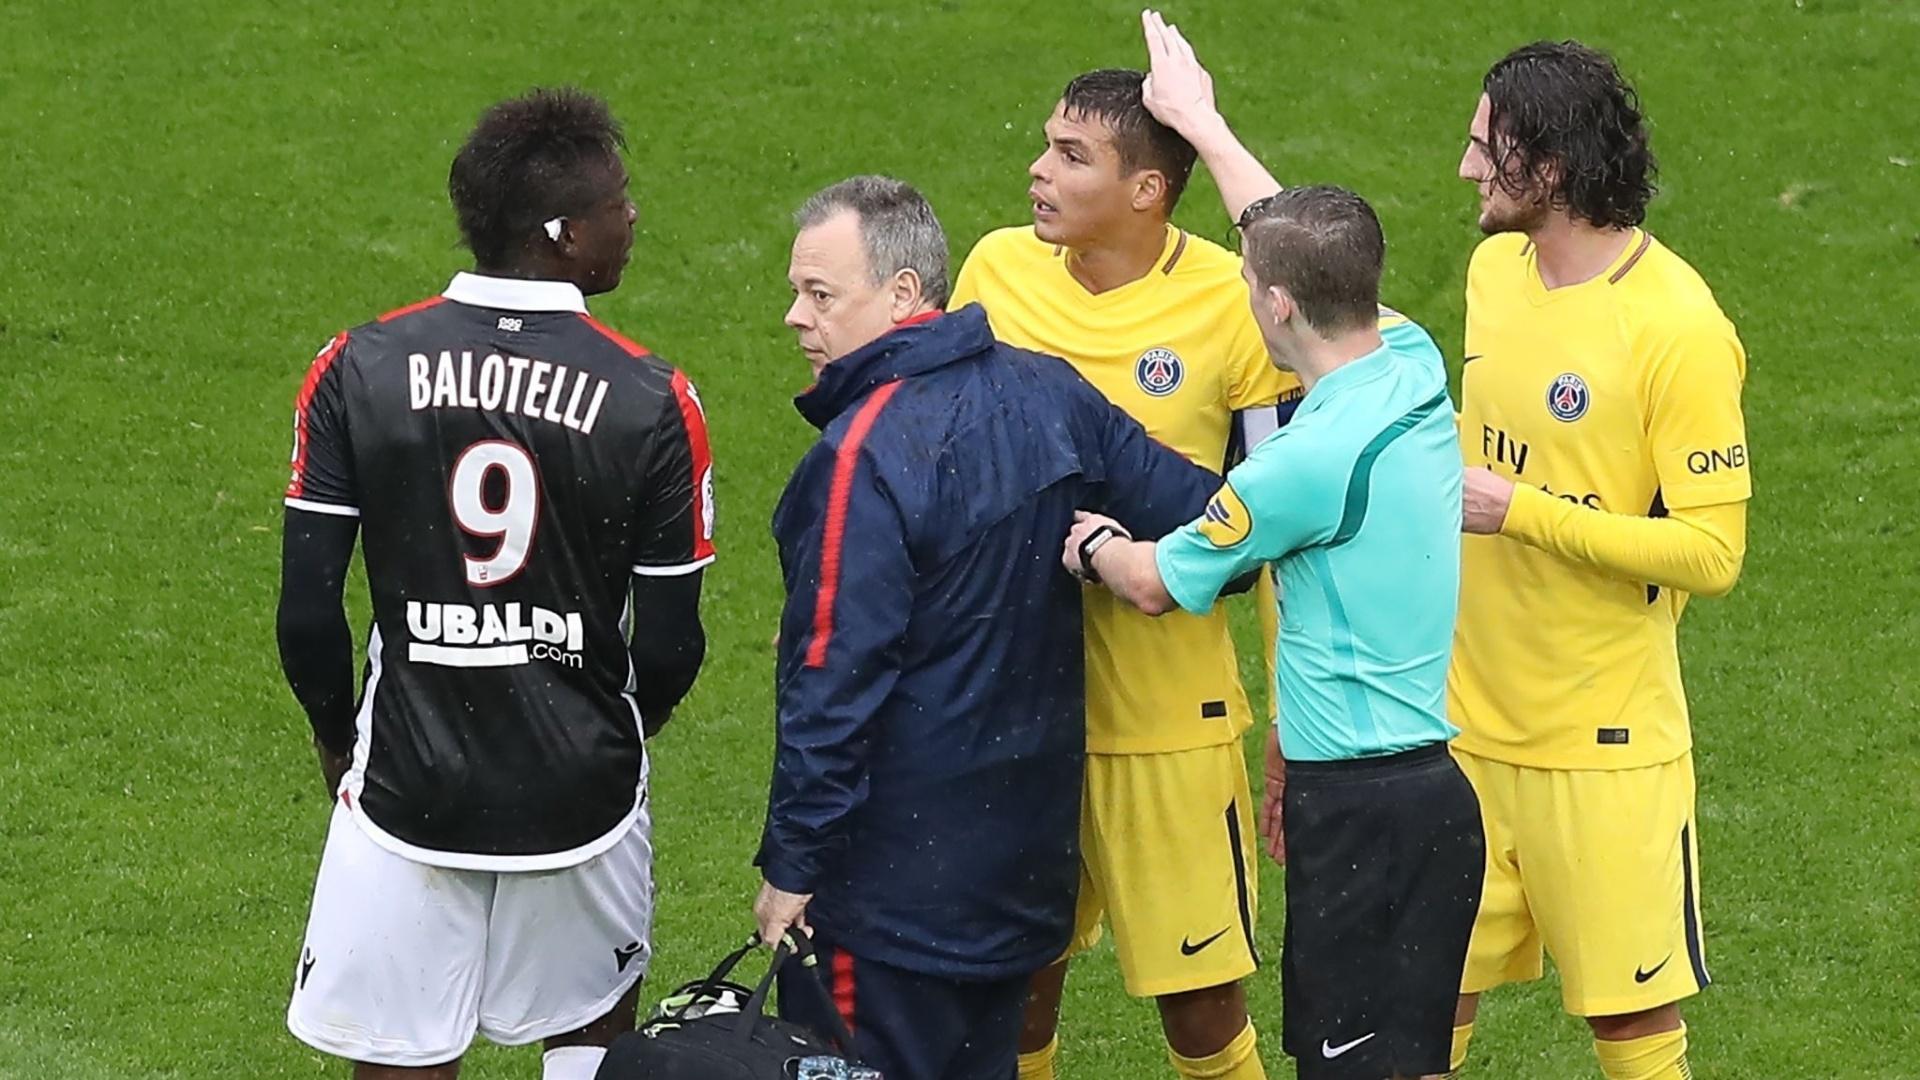 O atacante Balotelli, do Nice, discute com o zagueiro Thiago Silva, do PSG